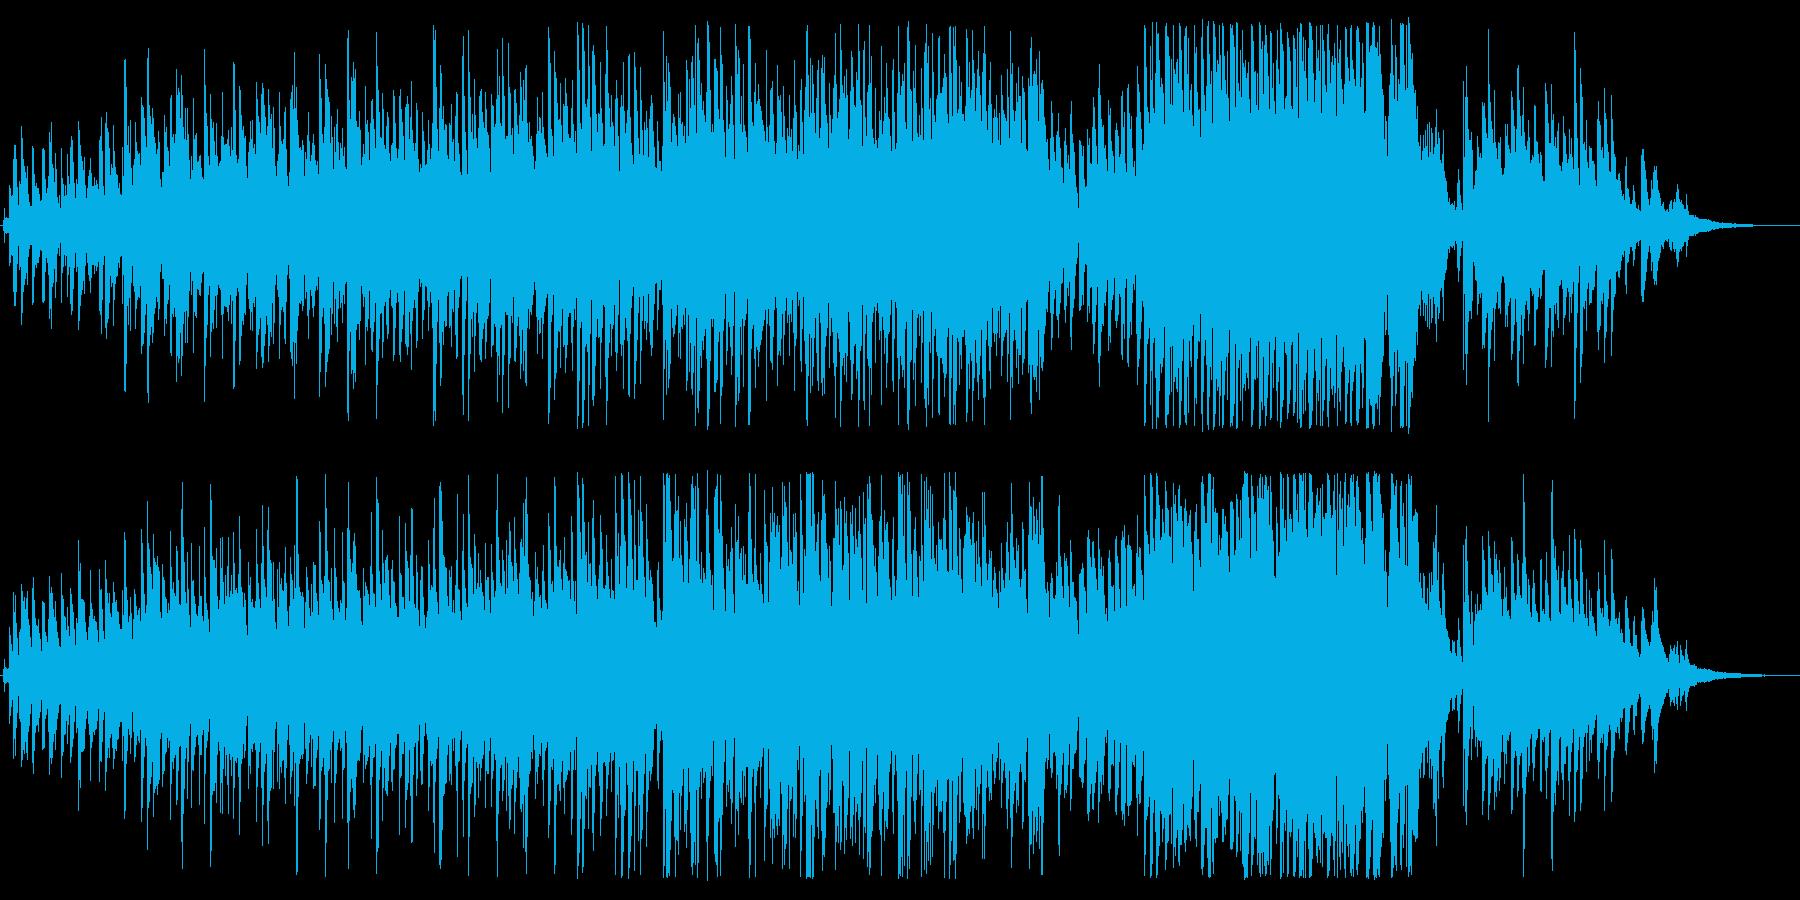 しっとり軽やか、哀愁のあるジャズ風の曲の再生済みの波形